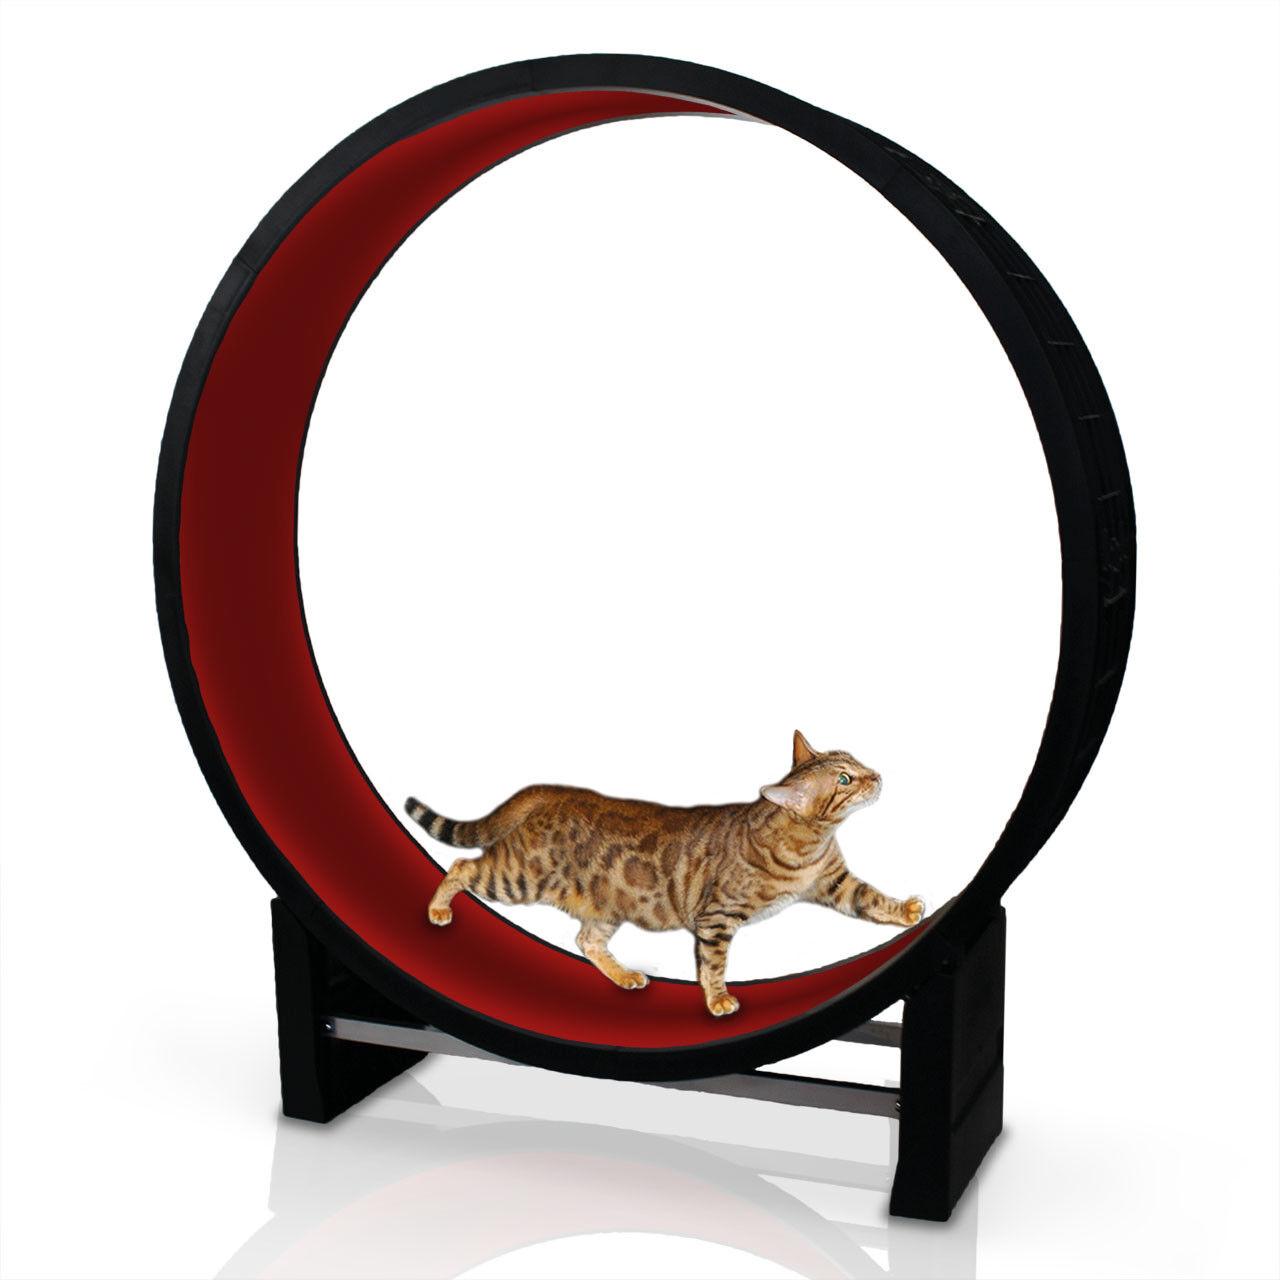 Katzenlaufrad - rot, das Katzenspielzeug für ausreichend Auslauf & Fitness